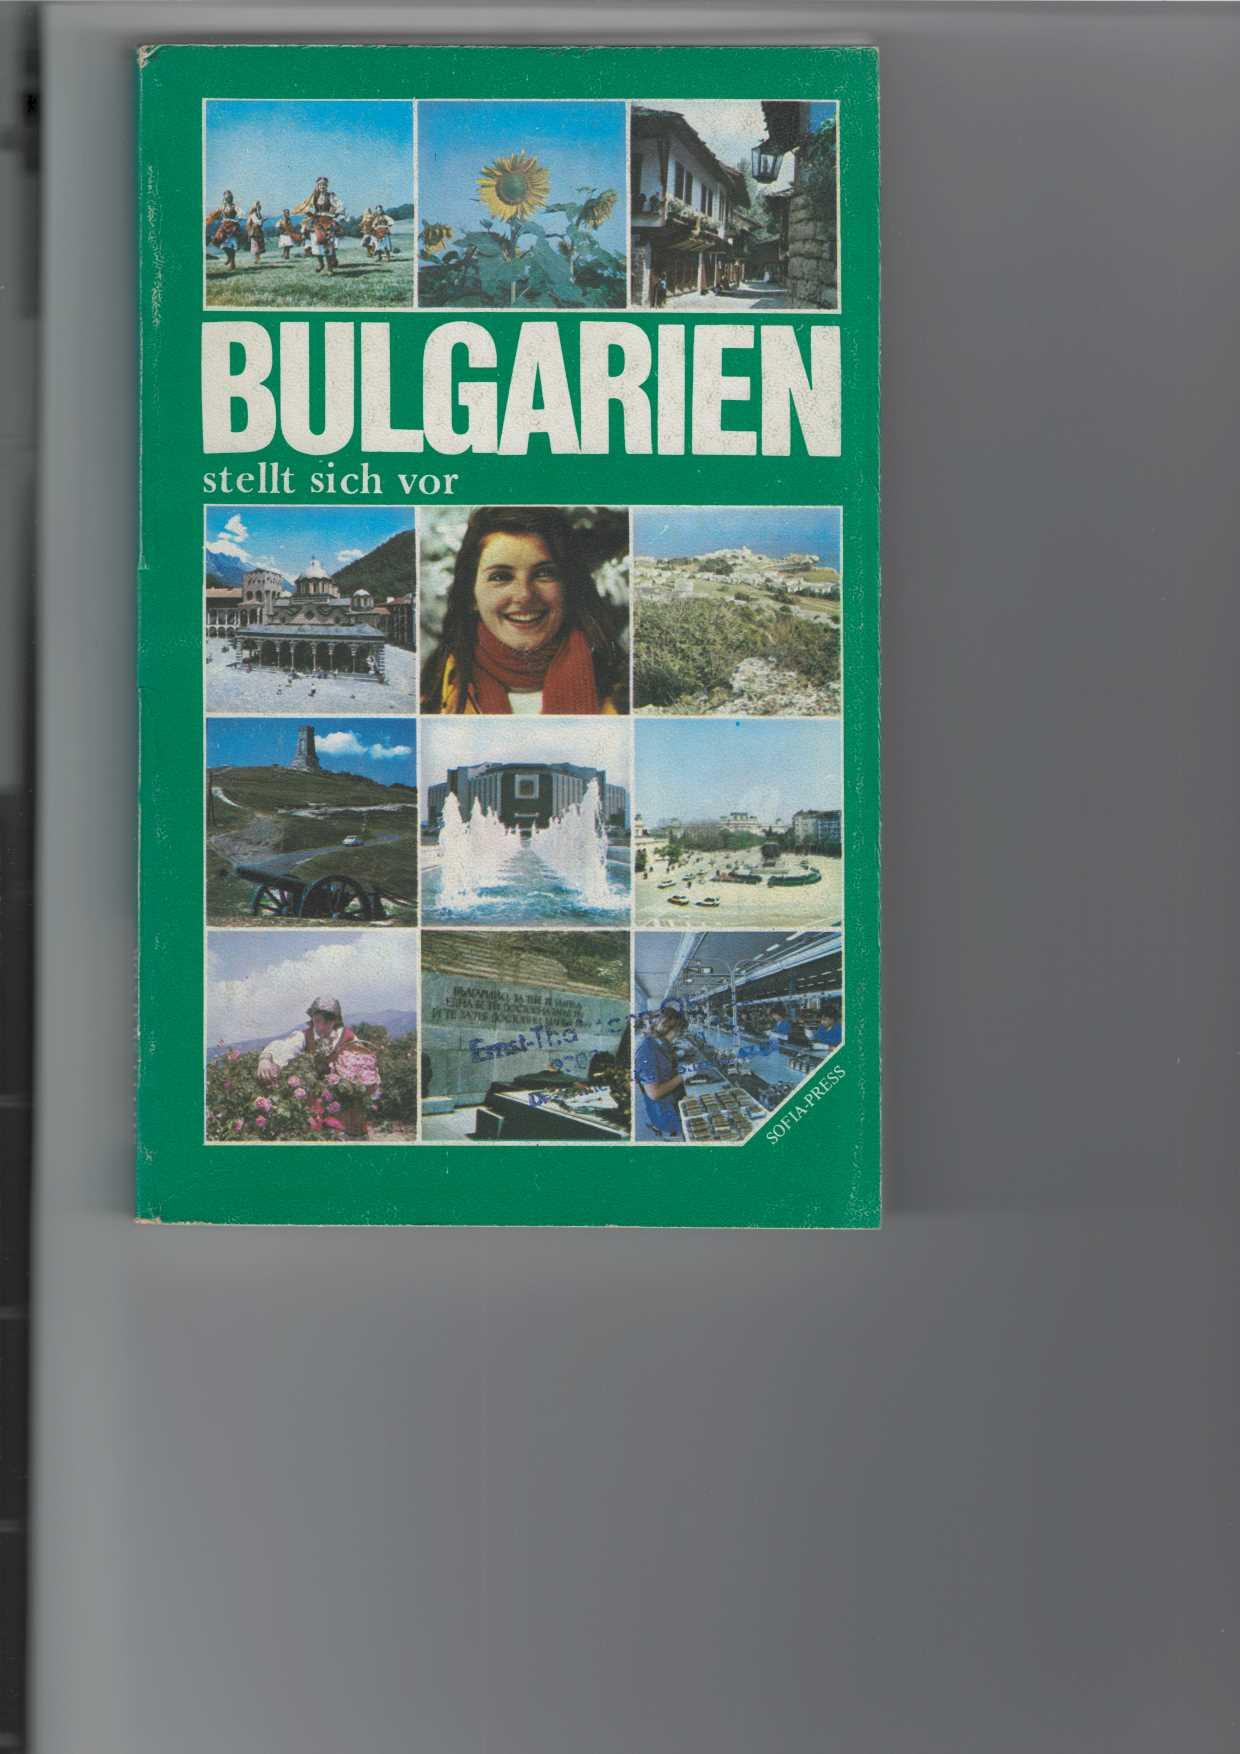 Bulgarien stellt sich vor. Land und Leute. [Aus dem Bulgarischen übersetzt]. Mit Abbildungen im Text und farbigen 24 Bildtafeln.